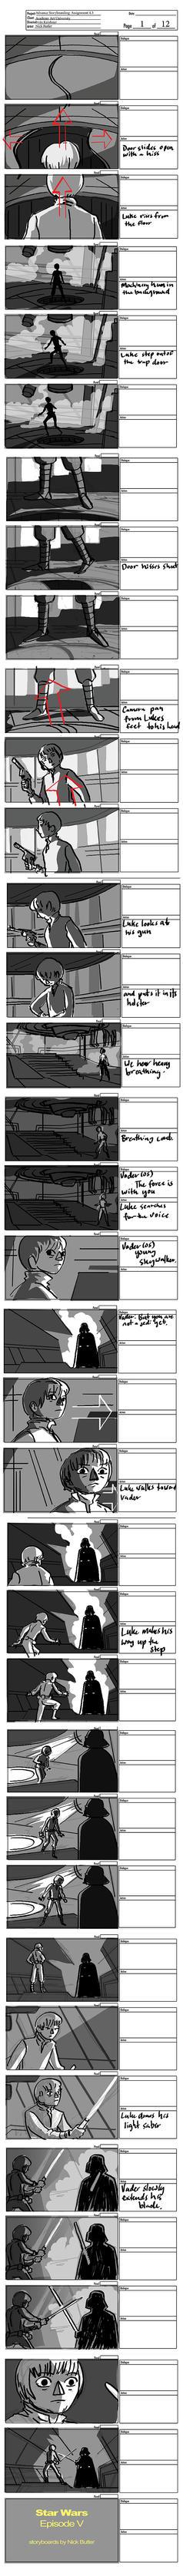 Luke vs Vader by hippybro